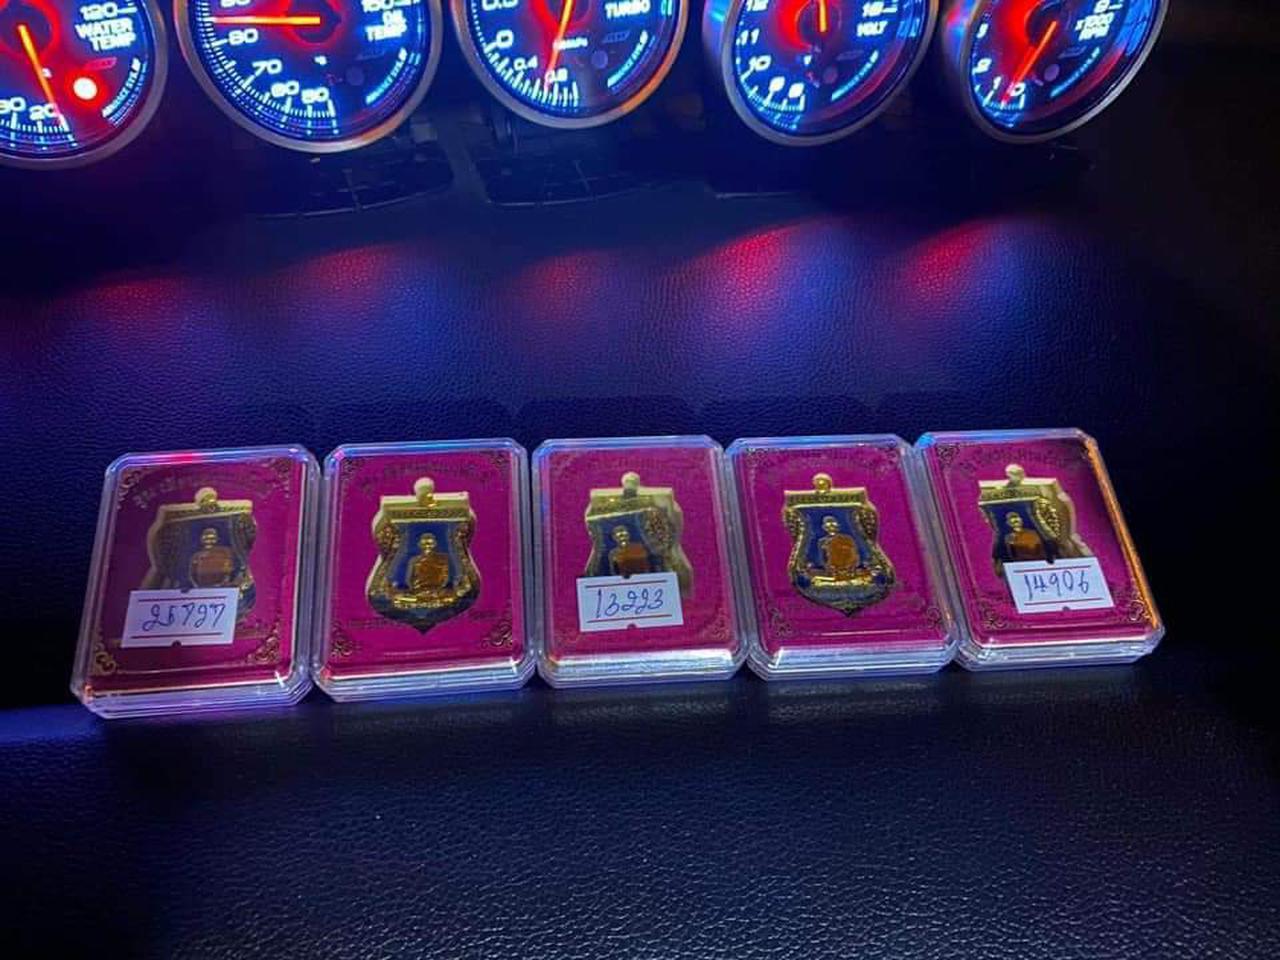 เหรียญ เลื่อนสมณศักดิ์ หลวงพ่อรวย กะไหล่ ทอง รูปที่ 5